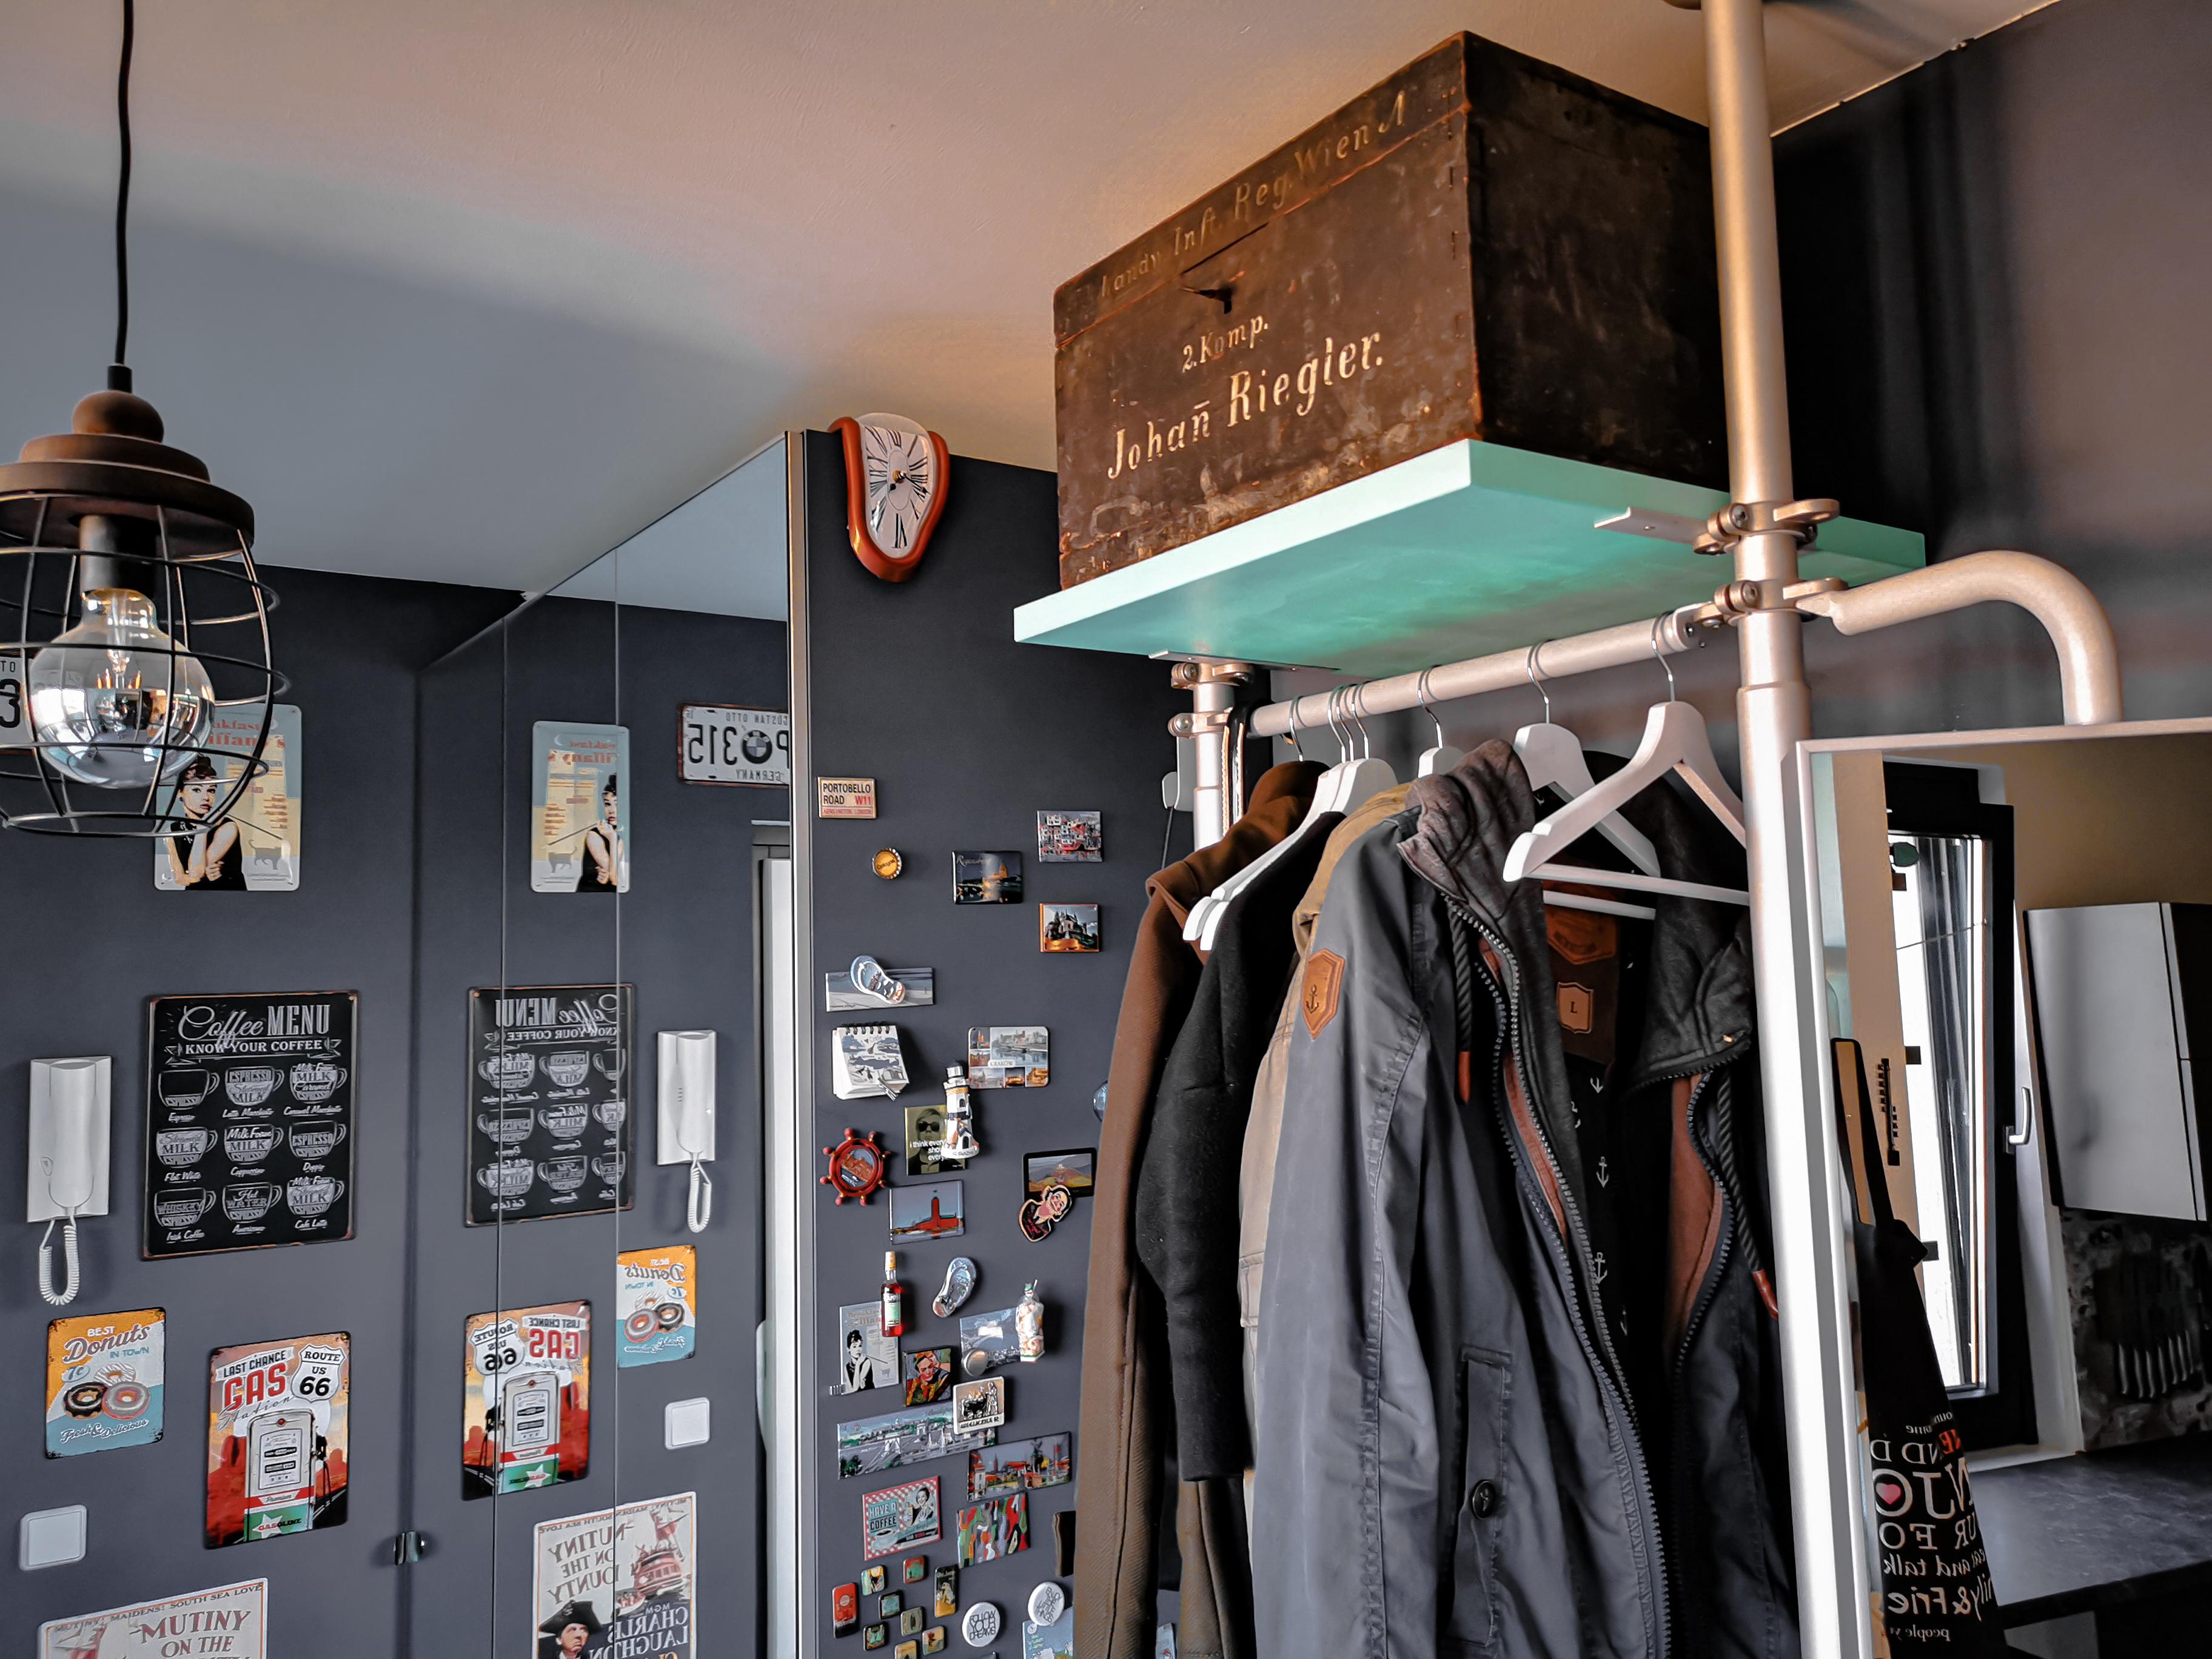 IMG 20200208 153947 - Projekt Vorzimmer: 11 DIY-Ideen an einem Ort